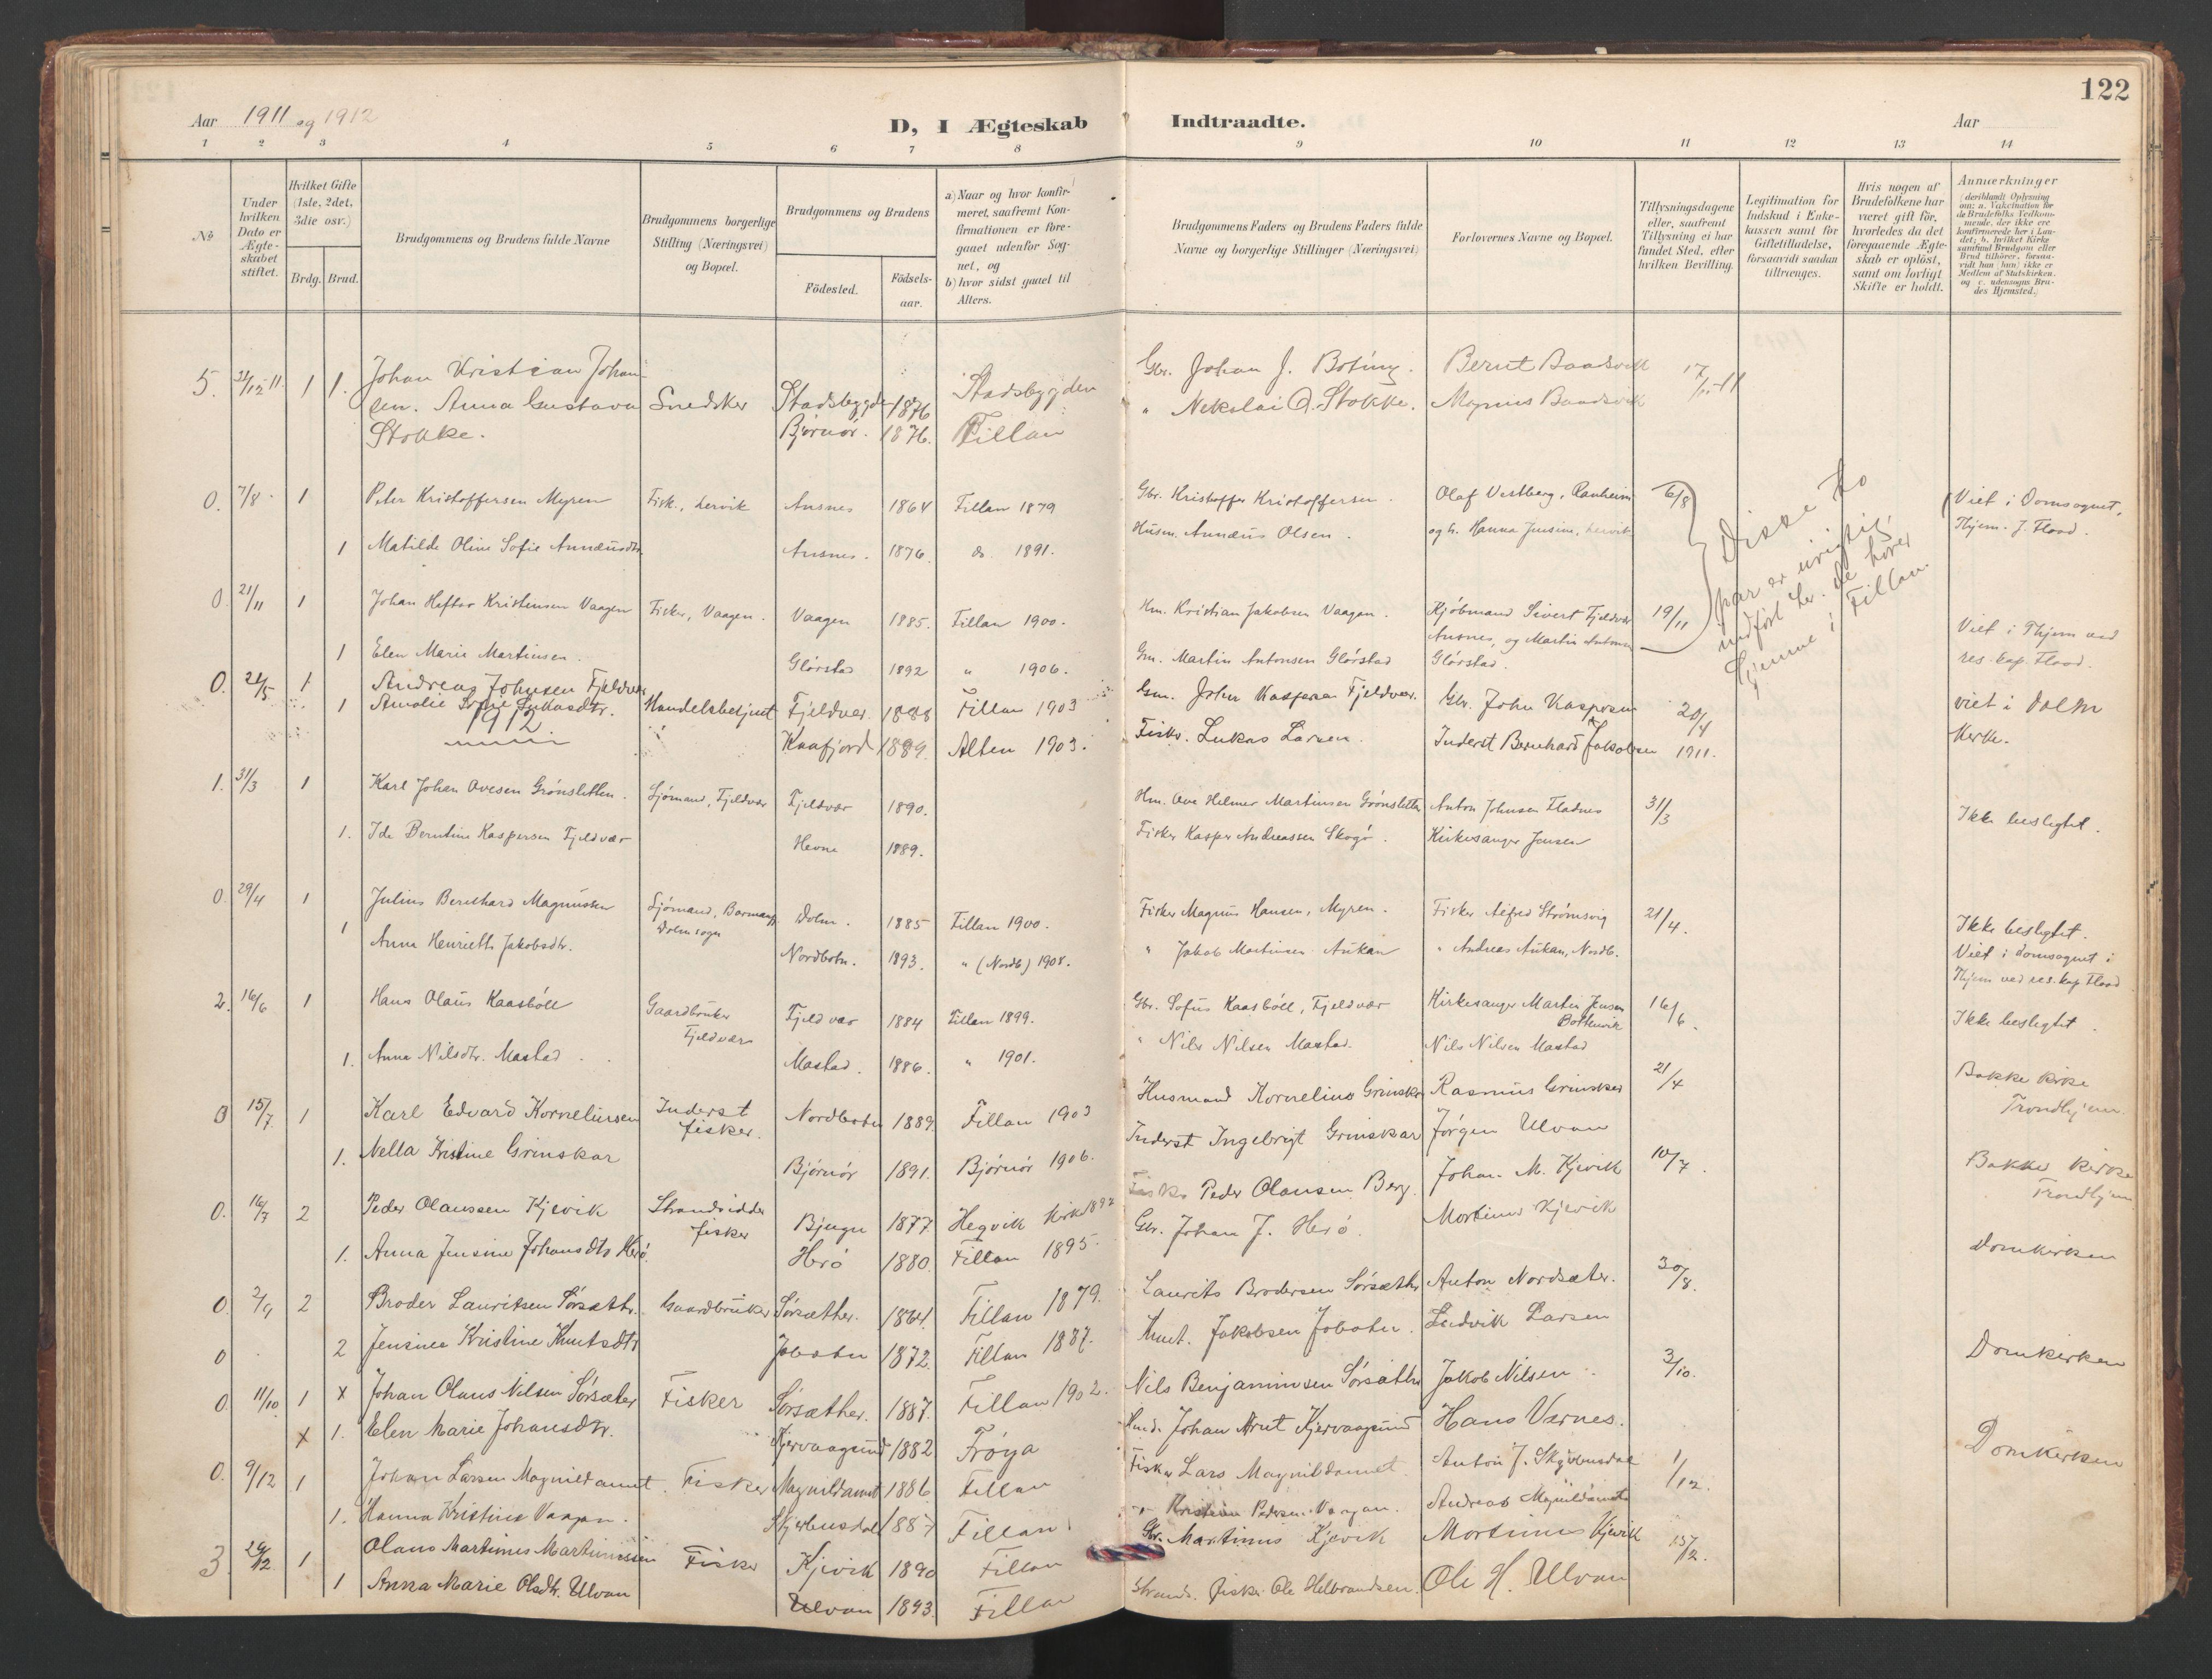 SAT, Ministerialprotokoller, klokkerbøker og fødselsregistre - Sør-Trøndelag, 638/L0571: Klokkerbok nr. 638C03, 1901-1930, s. 122